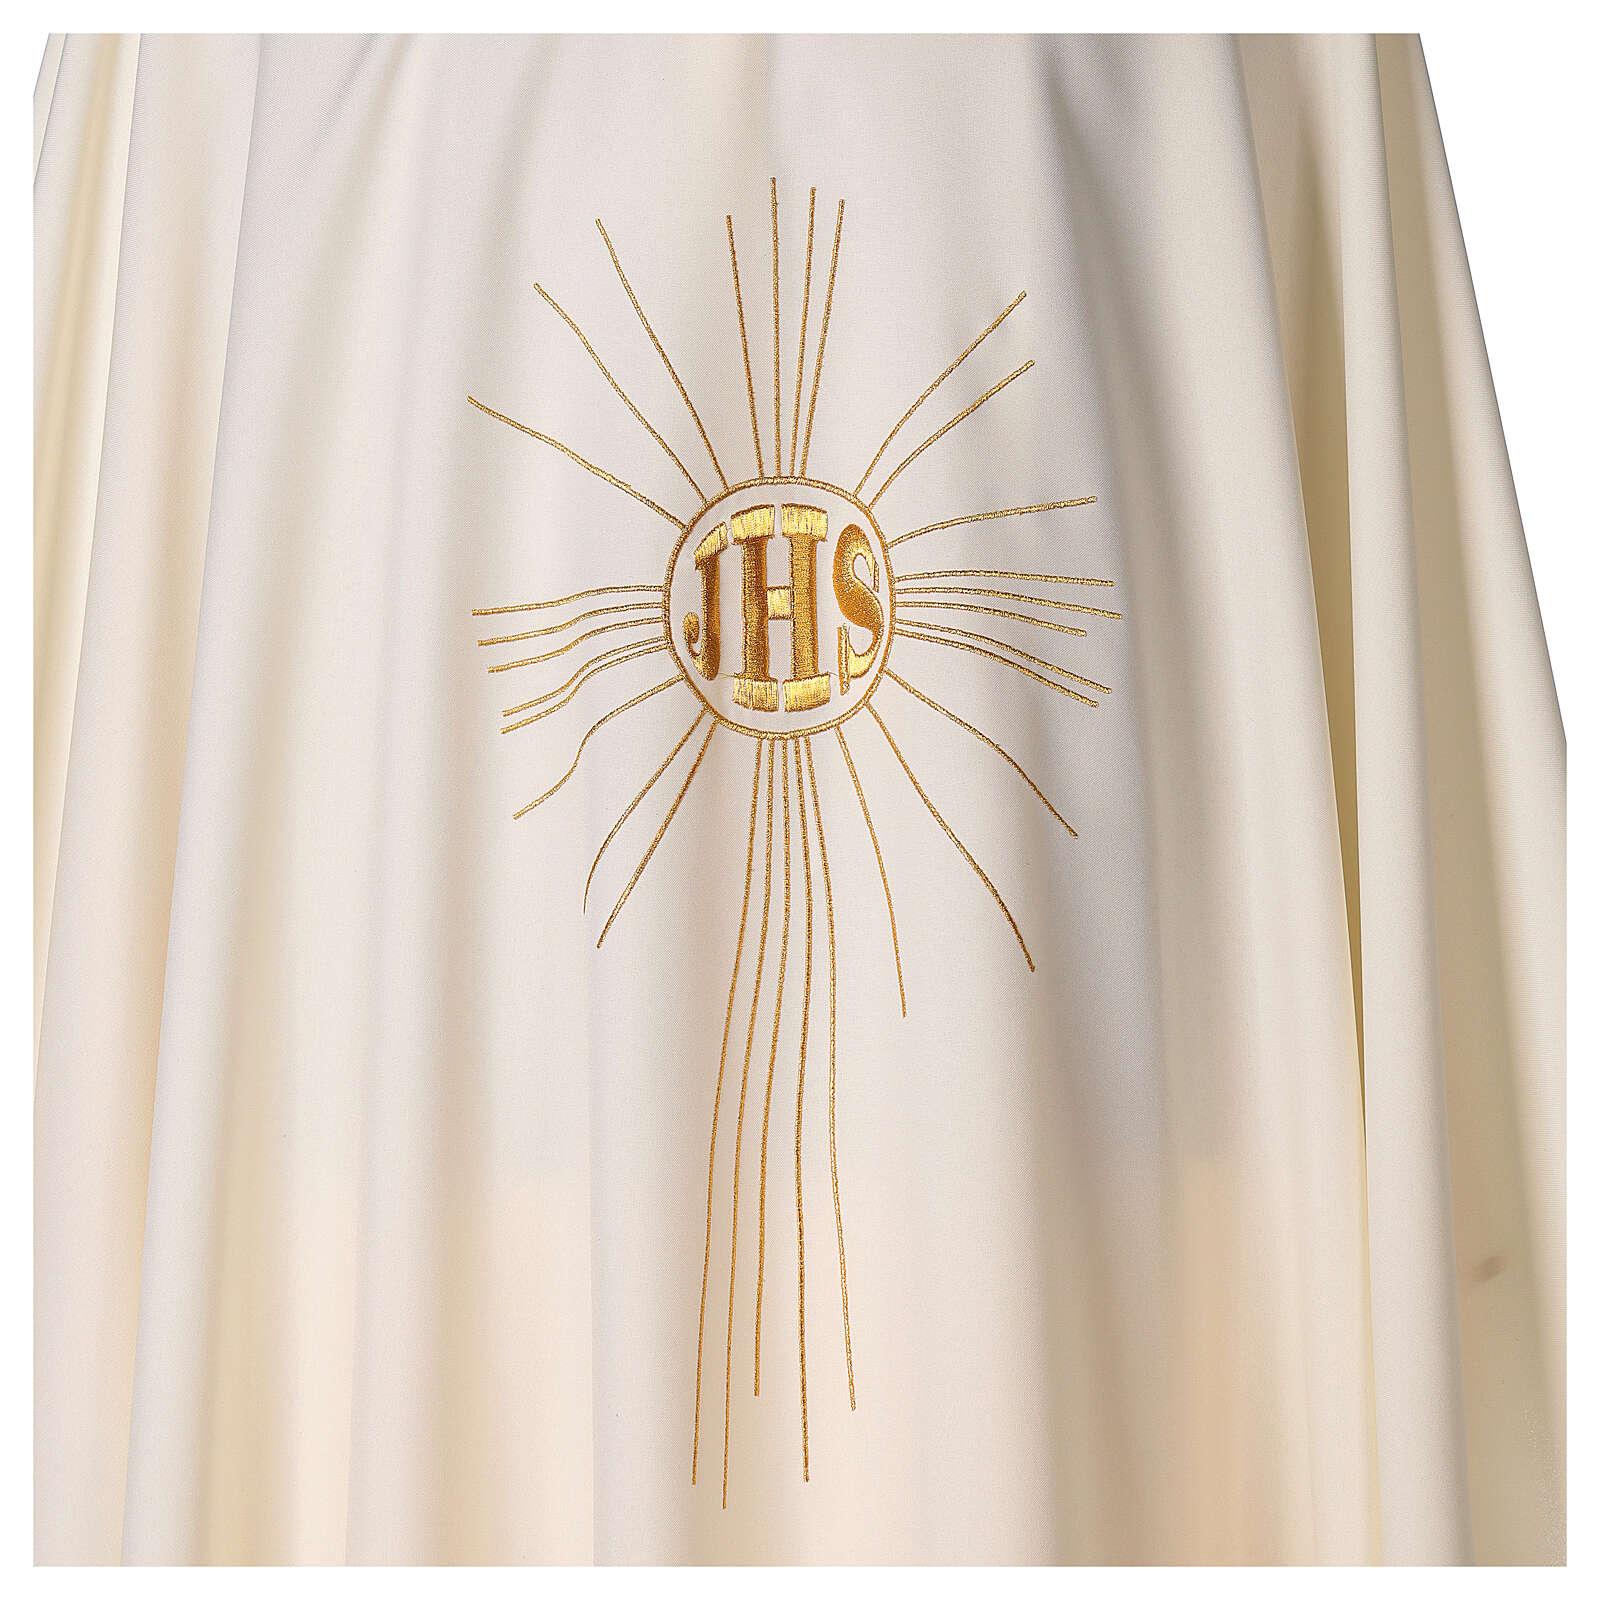 Casula em crepe poliéster com raios e símbolo IHS 4